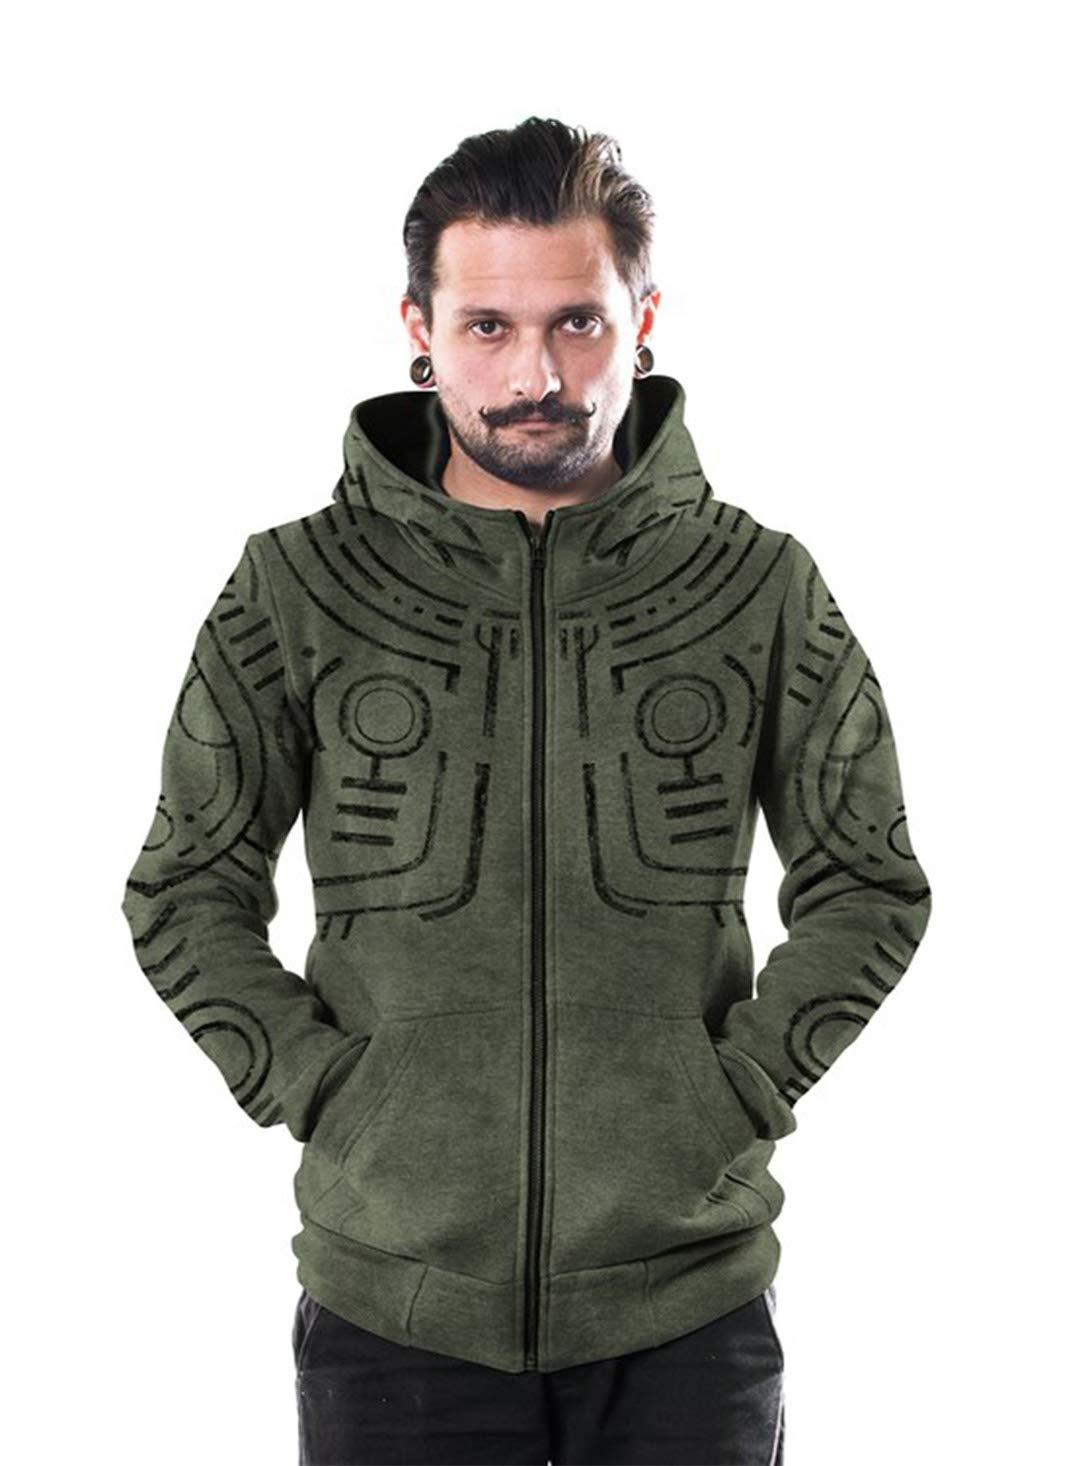 Men's War Paint Hoodie All Over Print Aztec Heavy Zipped Sweatshirt Black Wash